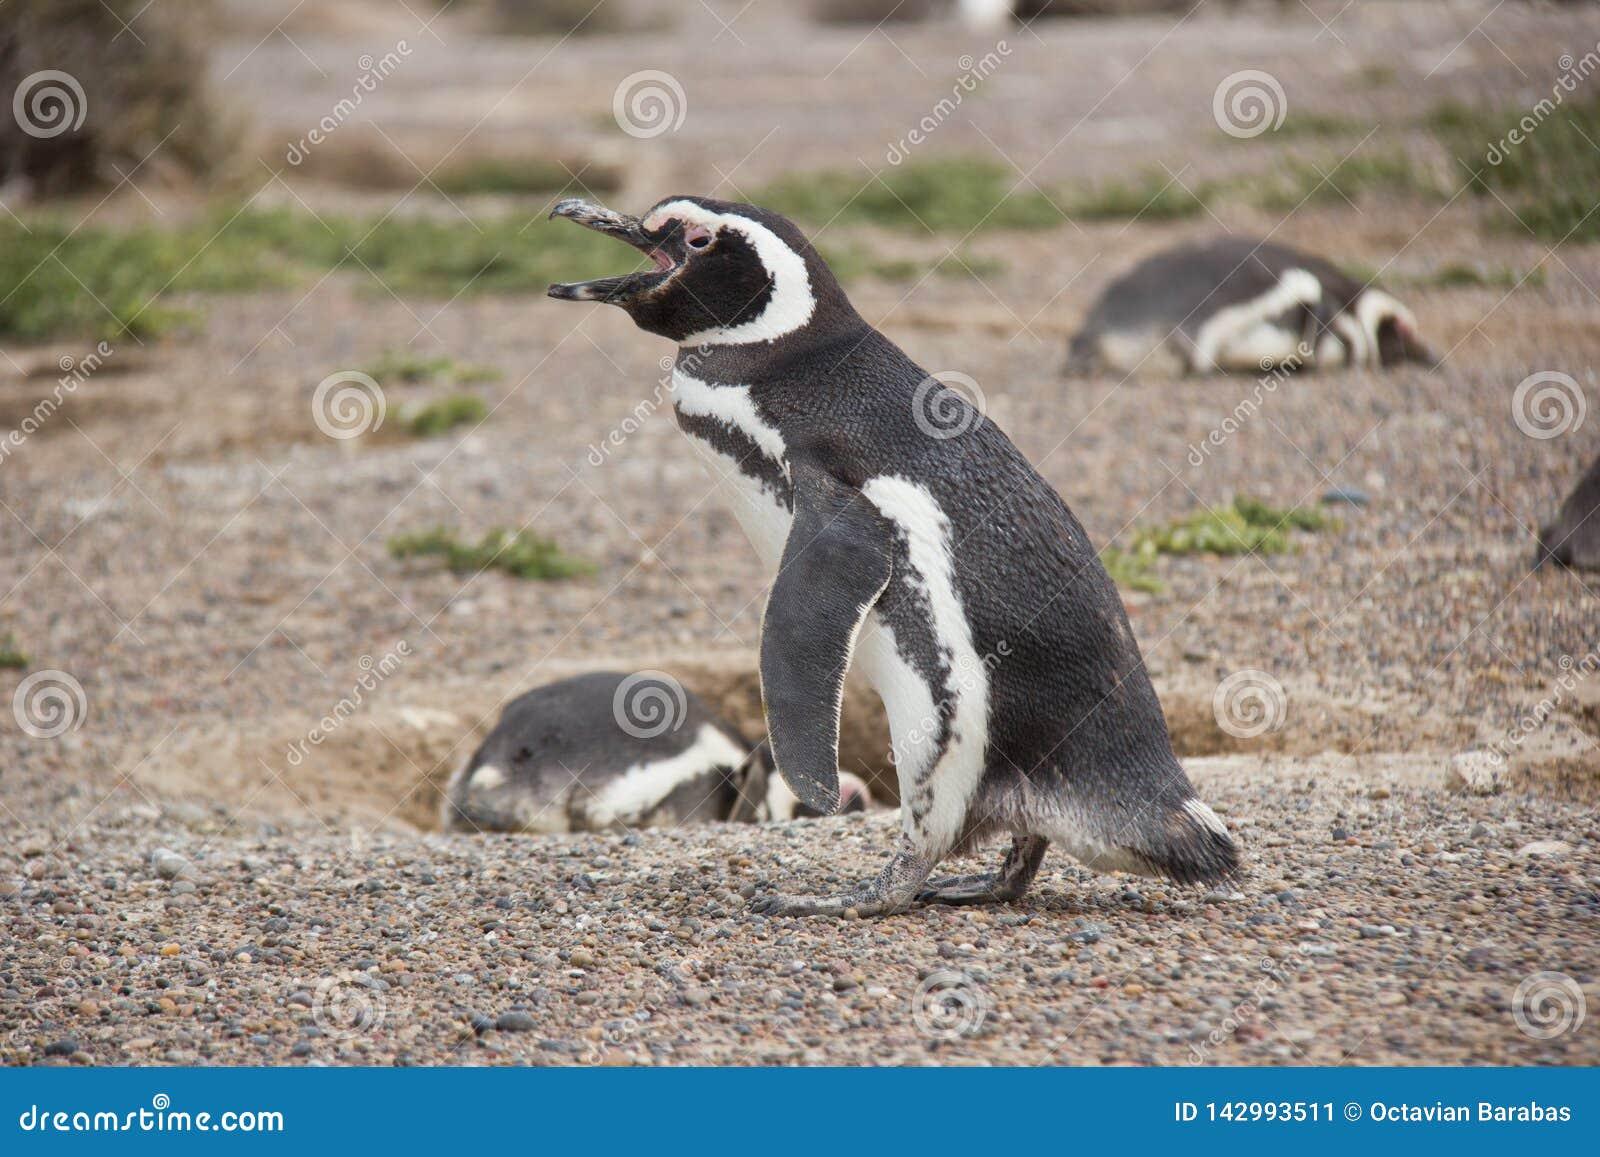 Humboldtpinguïn in en kolonie die loopt roept